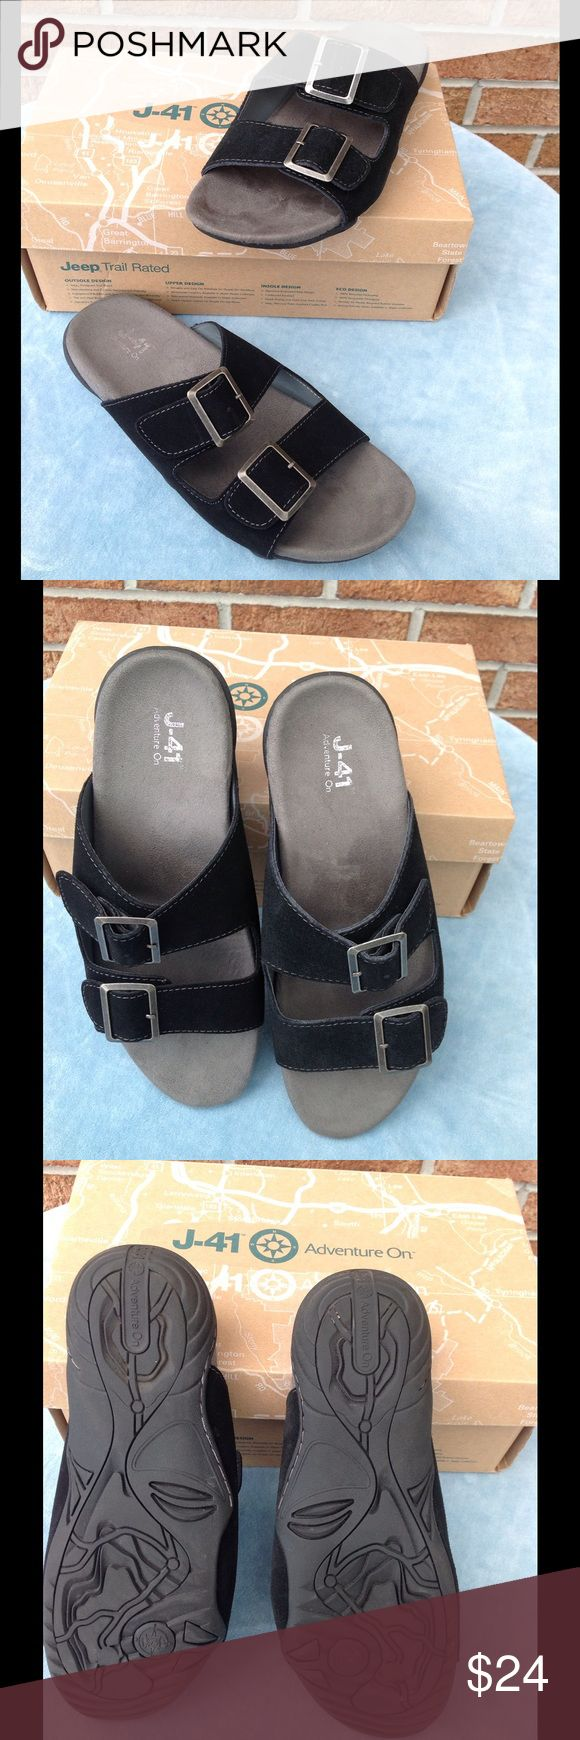 J-41 Jeep Sandals NIB Size 8 NIB J-41 Jeep sandals. Black suade.  Size 8. J-41 Shoes